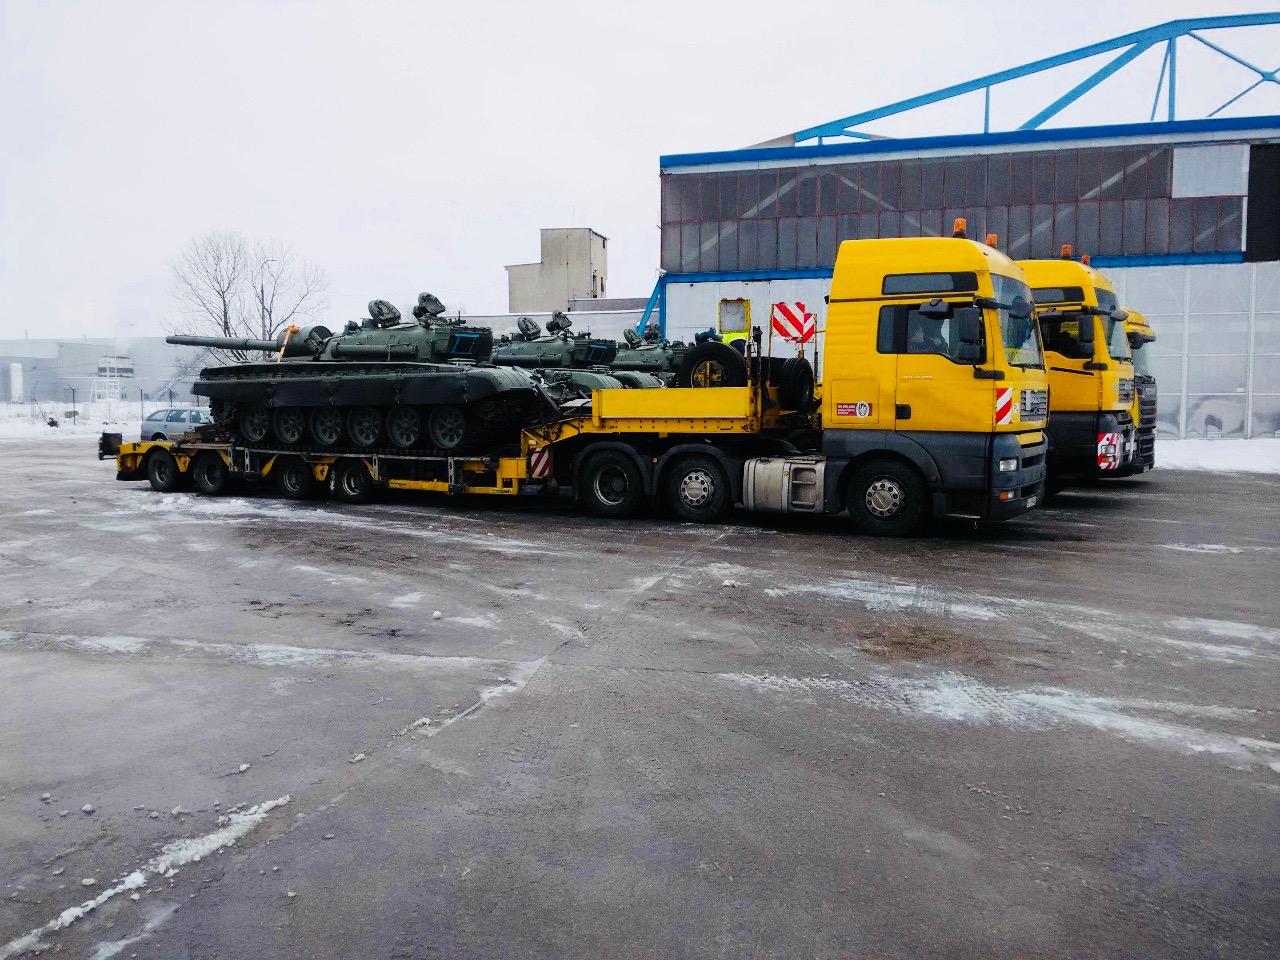 Přeprava vojenského materiálu / Military Transport